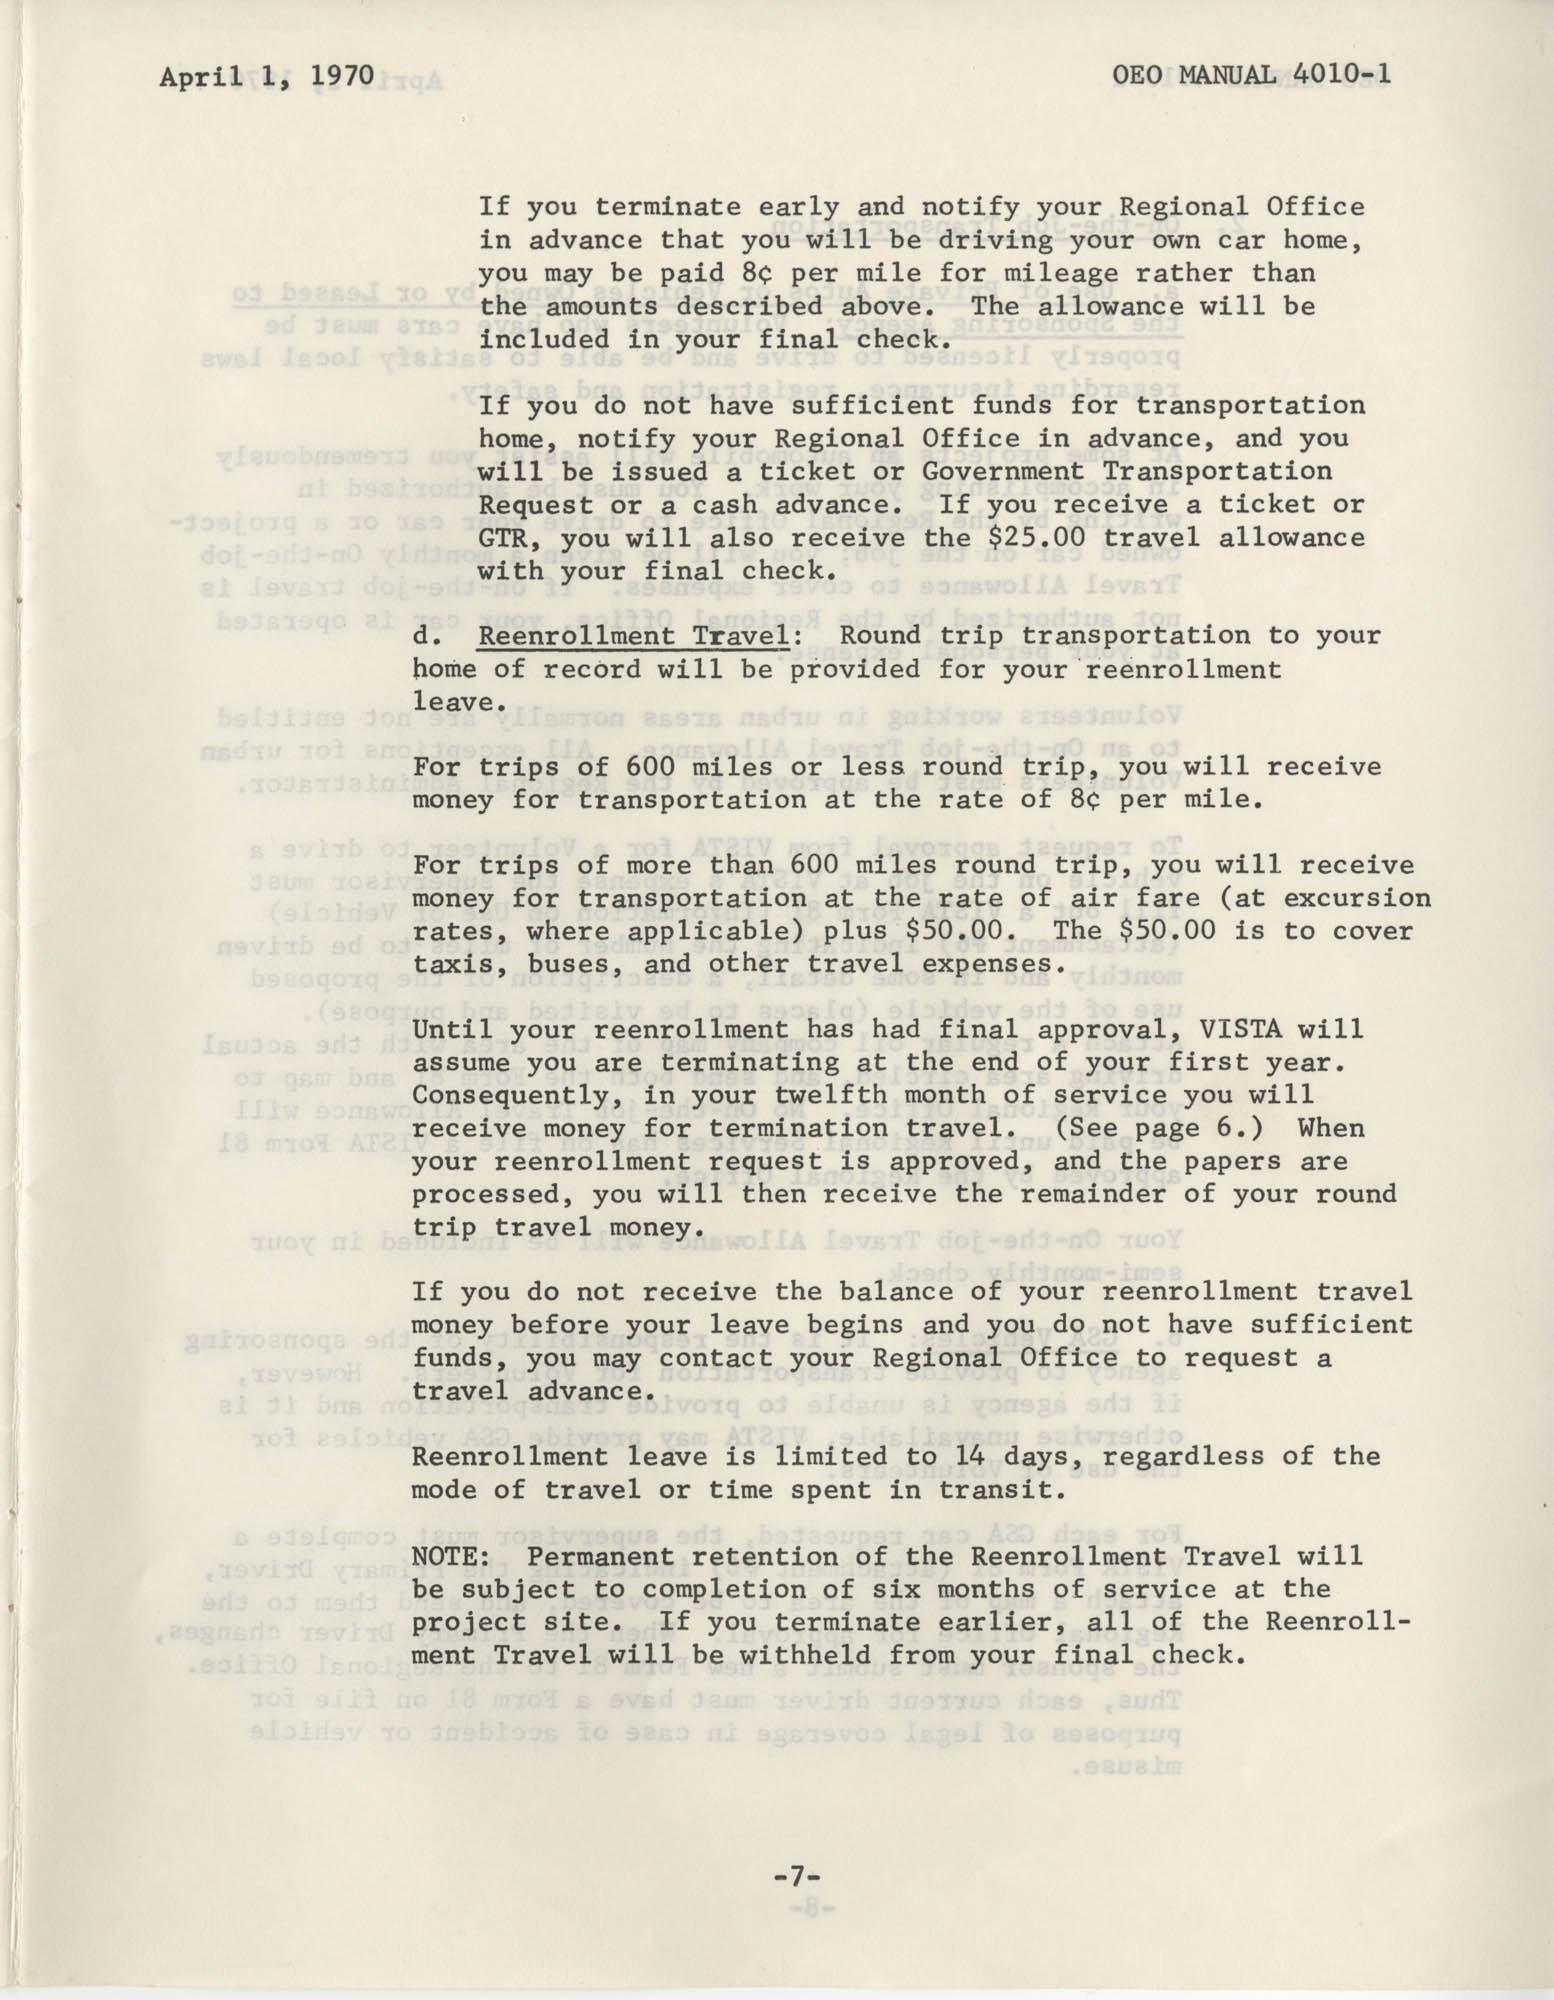 Vista Volunteer Handbook, April 1970, Page 7